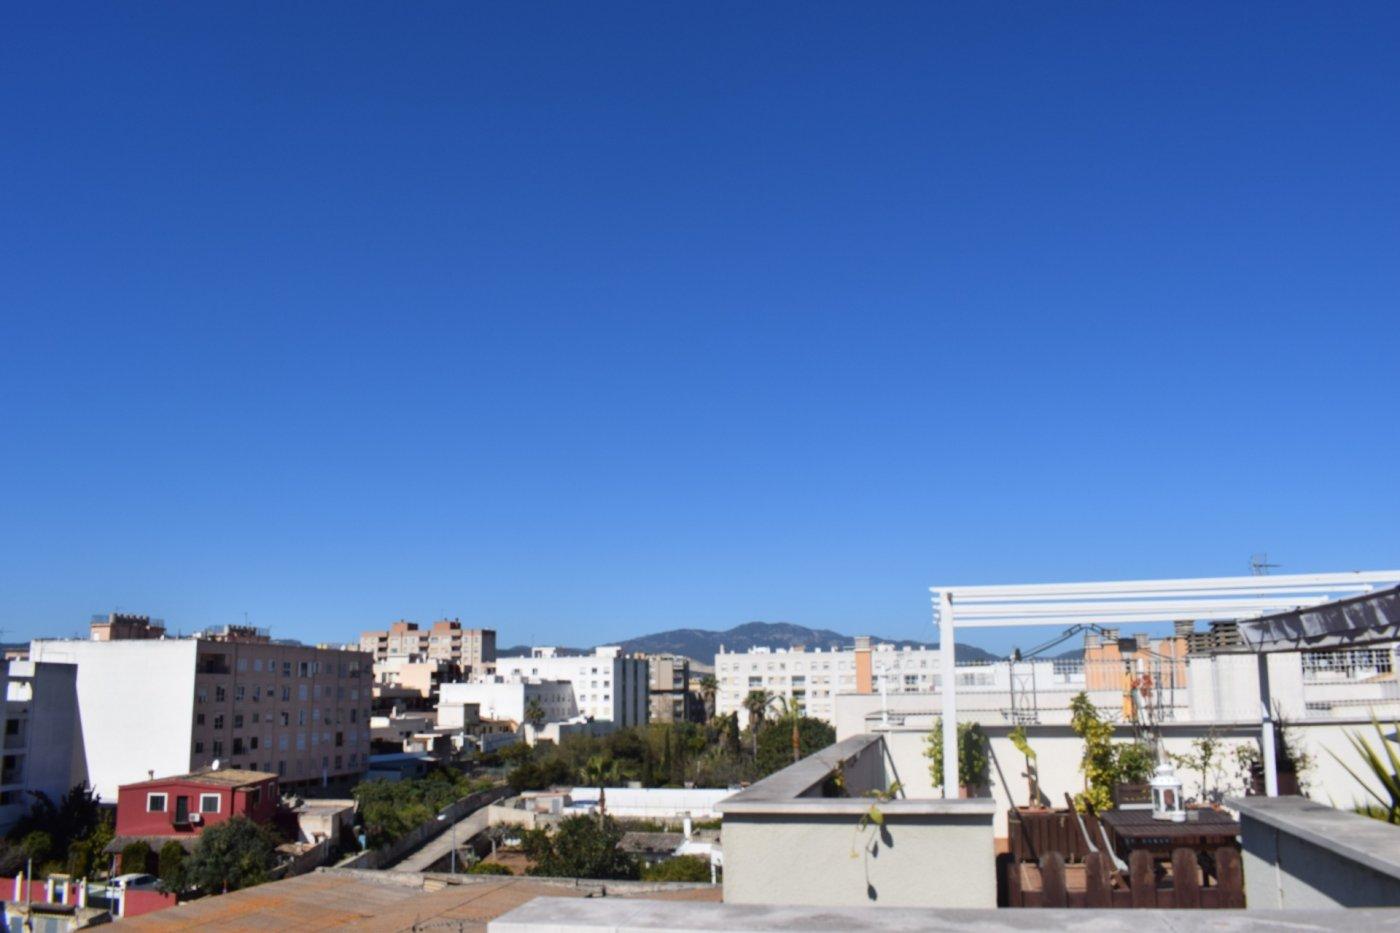 Ático-Venta-Palma de Mallorca-185575-Foto-6